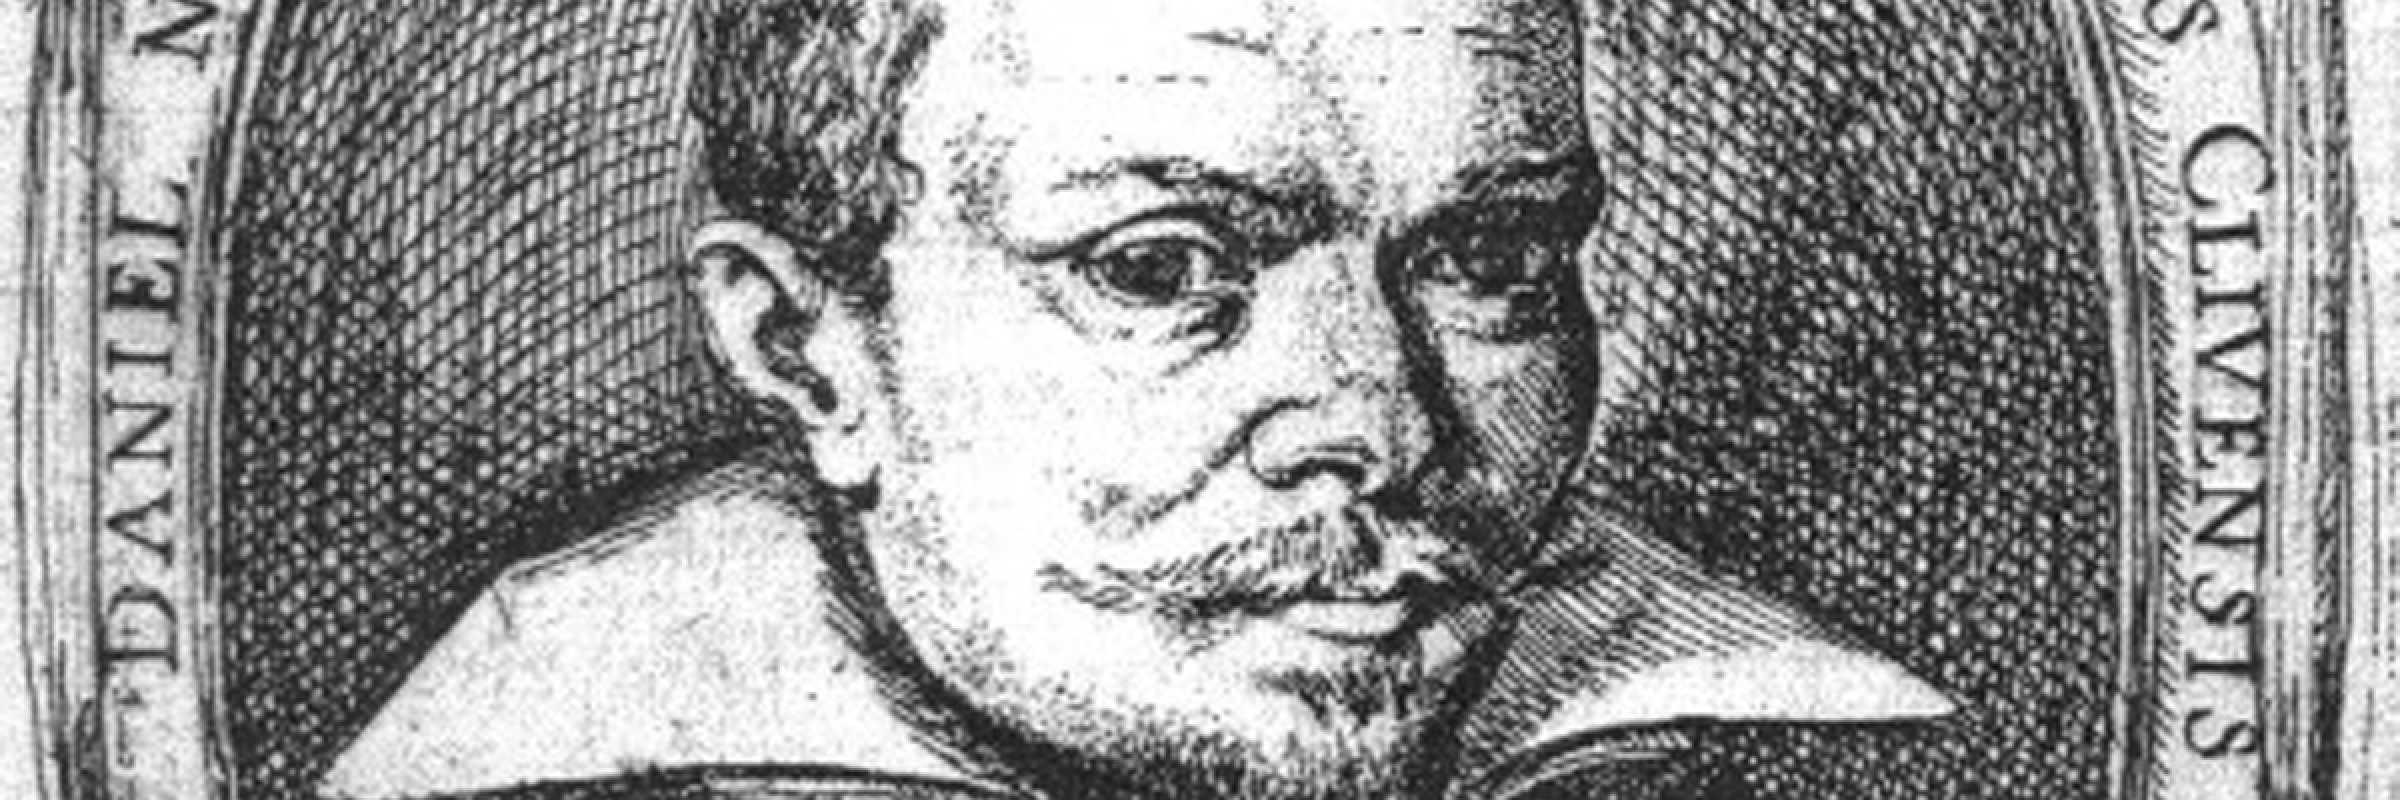 Ritratto di David Nijs, incisione da: Gigli Cesare, La pittura trionfante, Venezia, Giovanni Alberti, 1615.